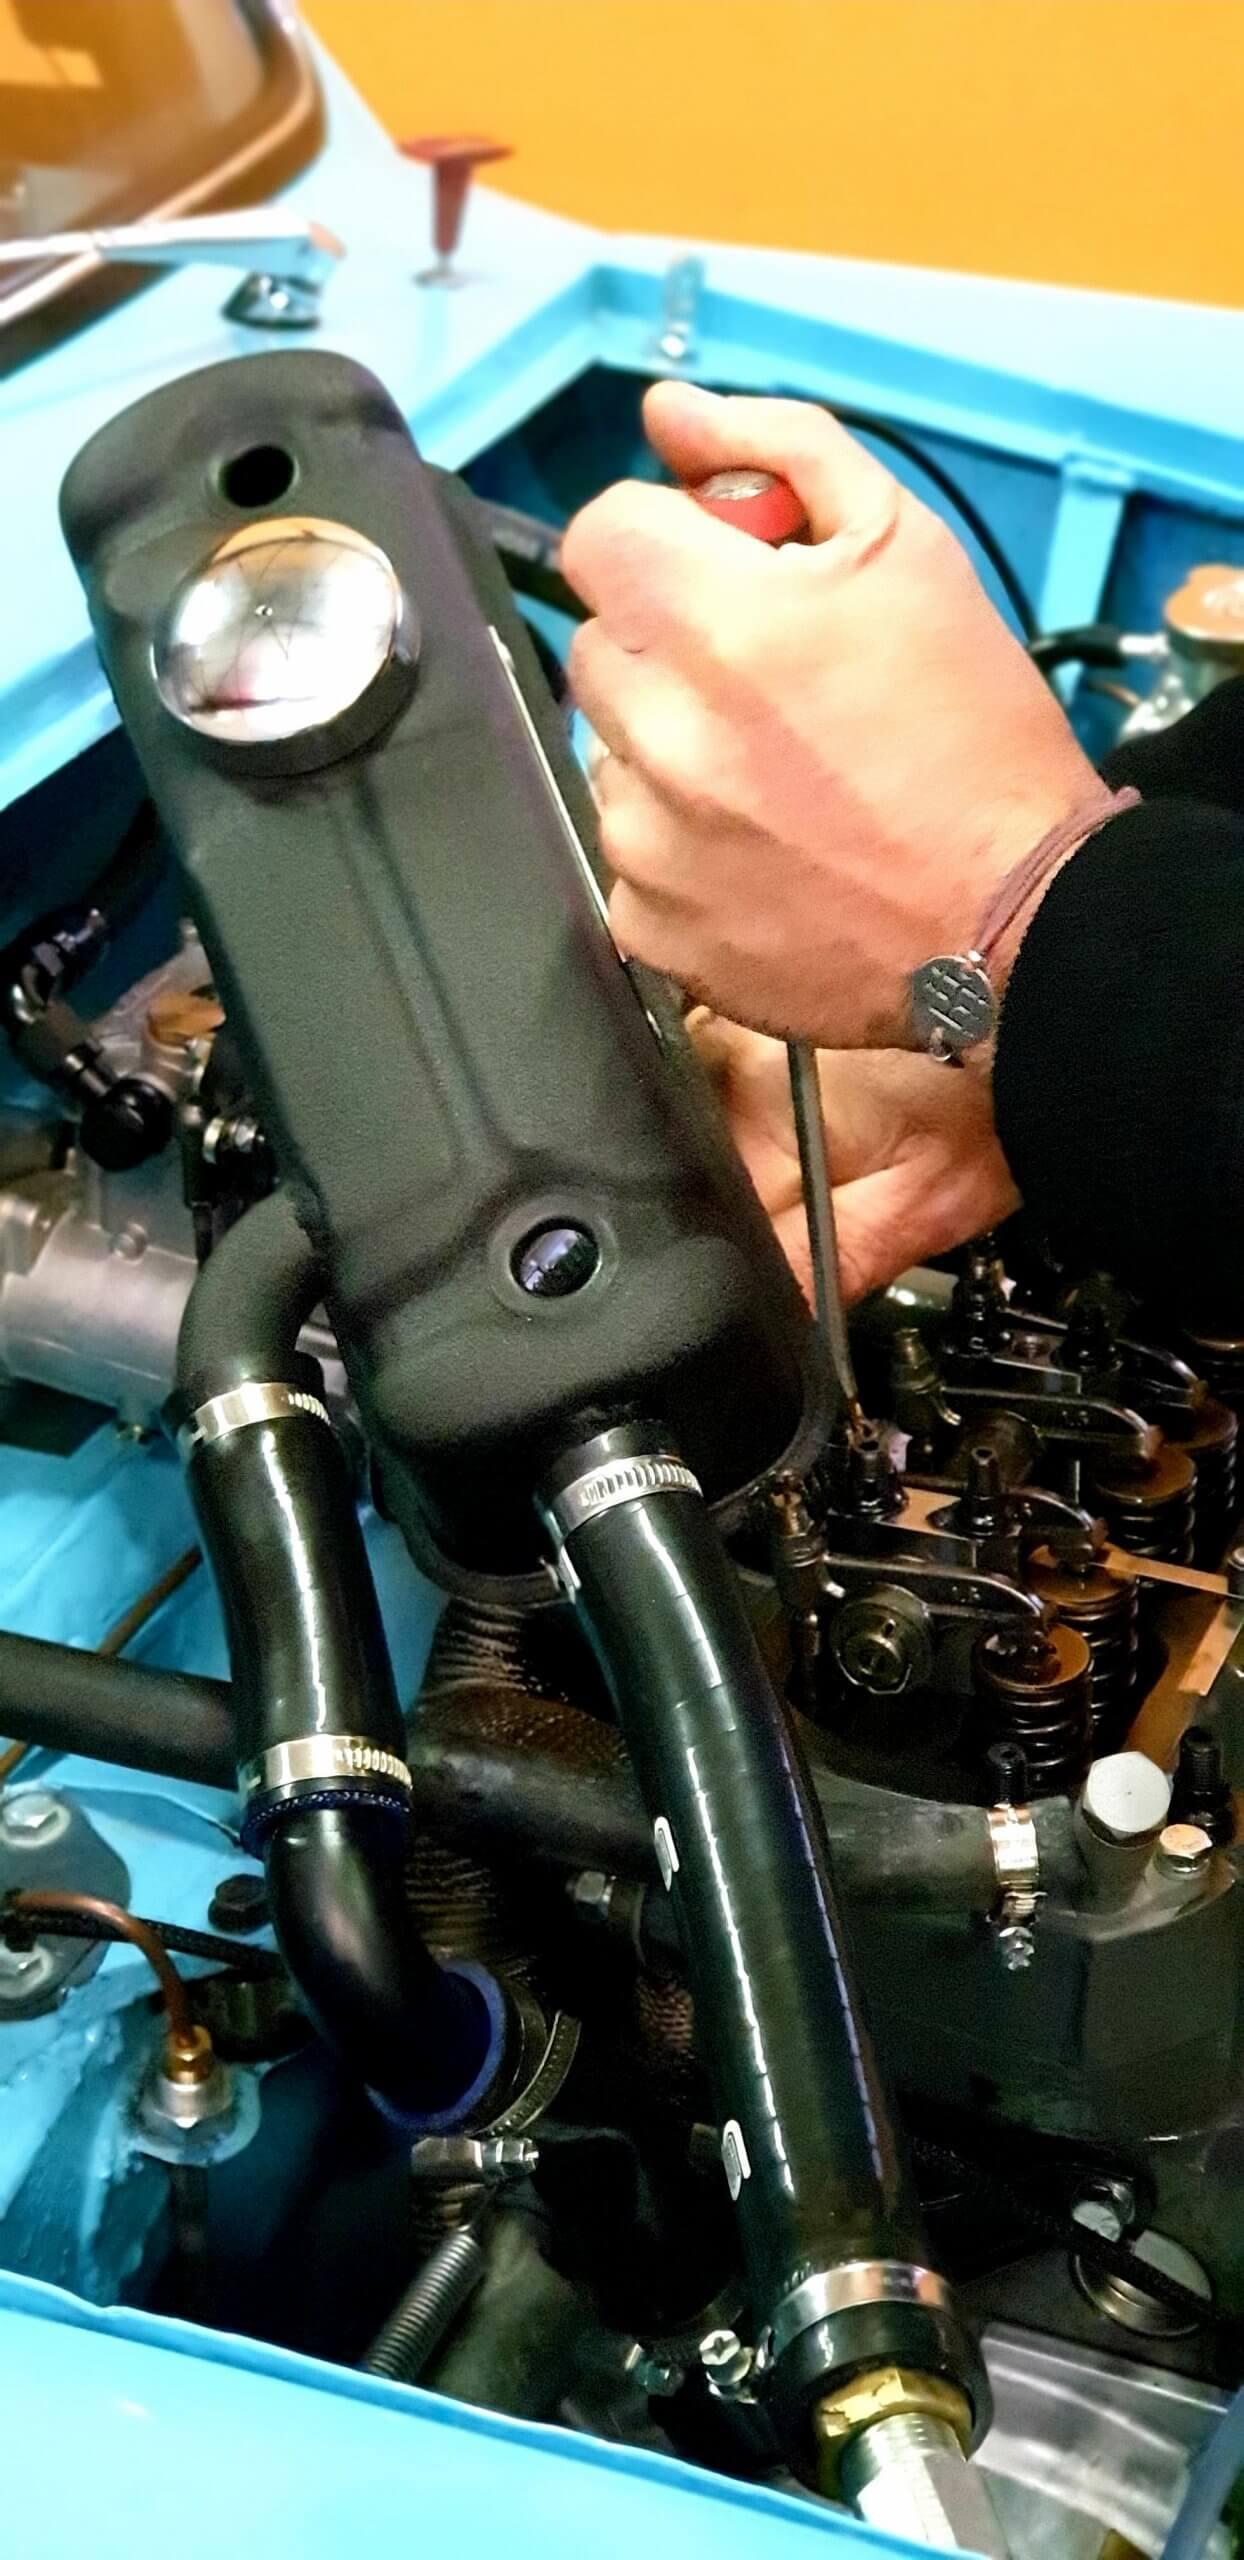 Austin mini 1293cc sur le banc de puissance - KAD - ASAVE75